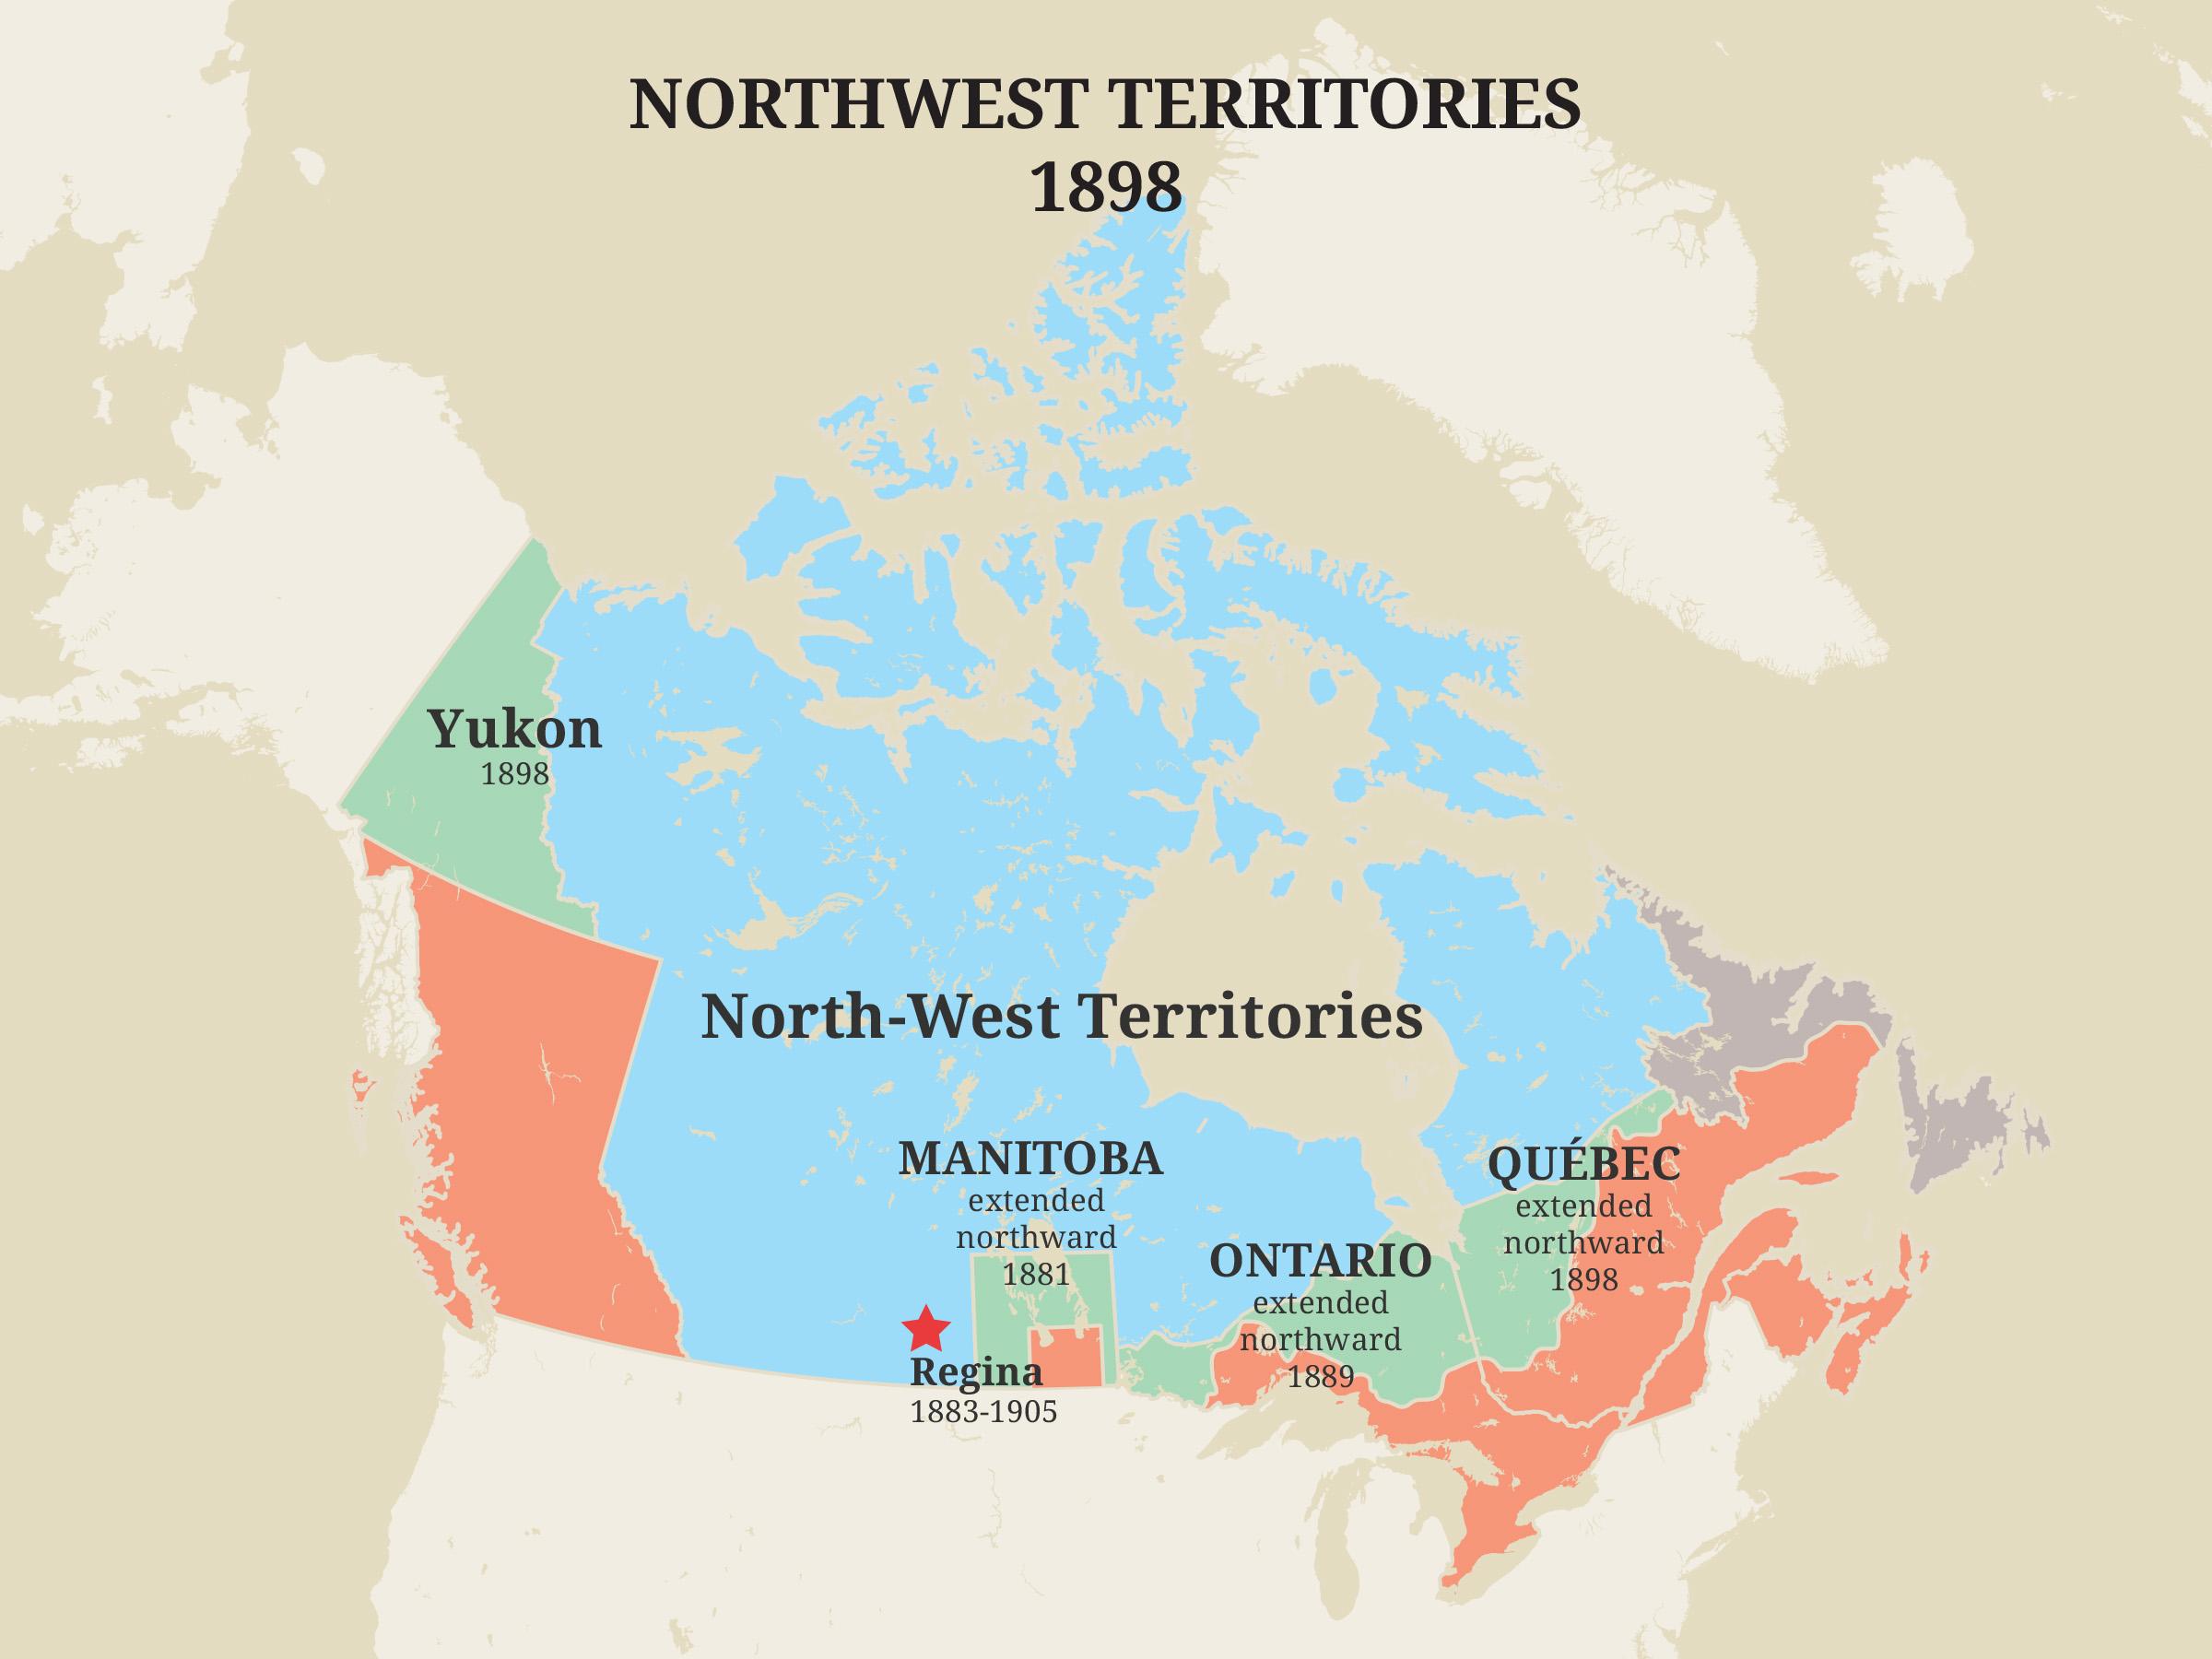 Territoires du Nord-Ouest, 1898